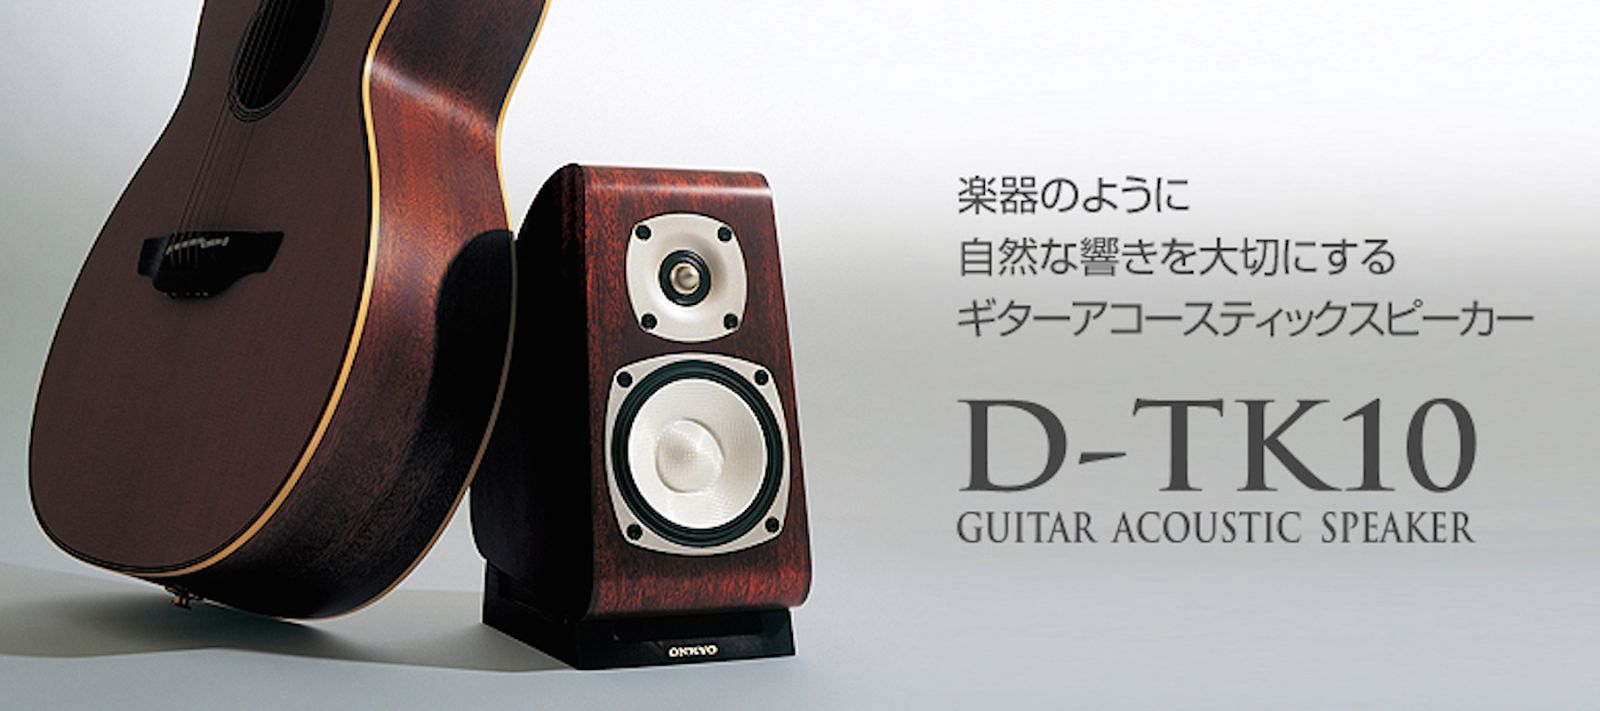 1. Loa Onkyo D-TK10